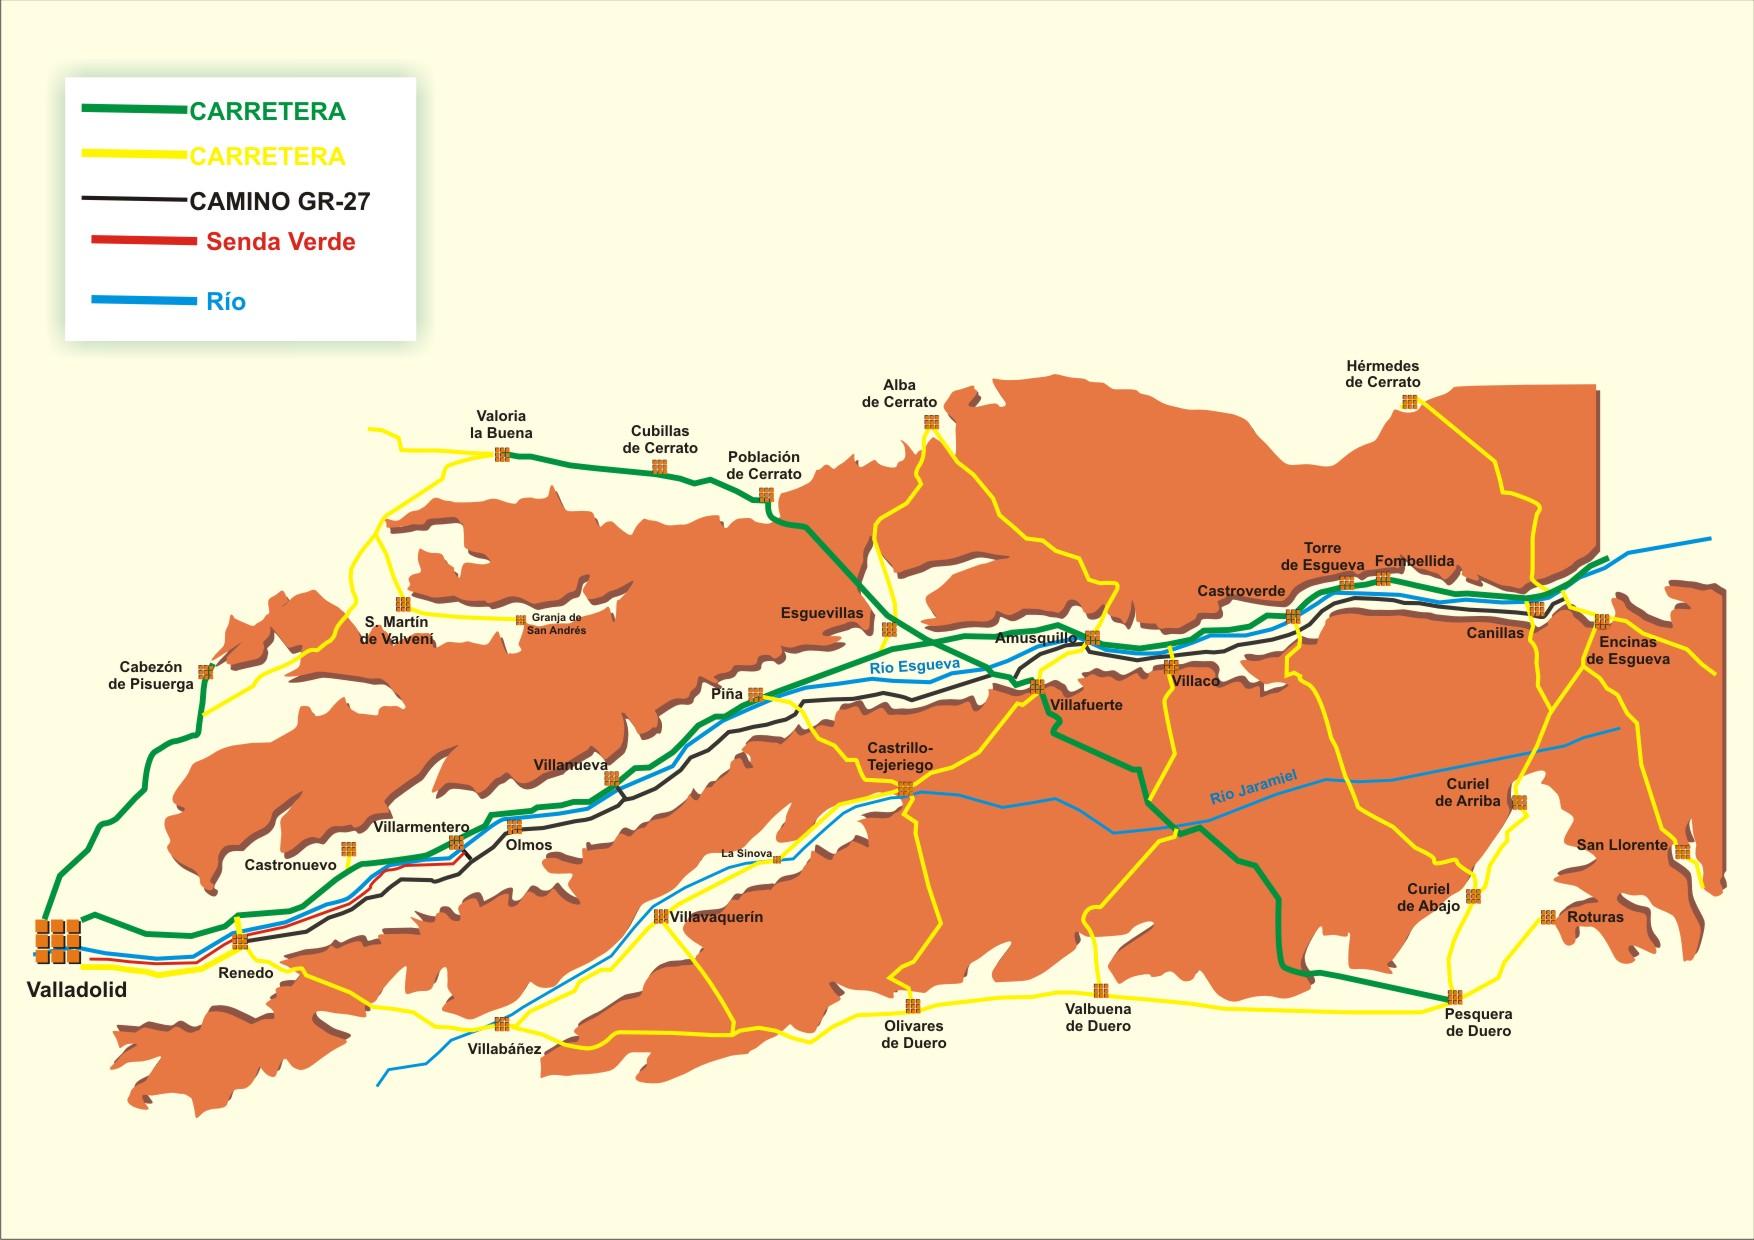 Esgueva valladolid rutas y paisajes for Gimnasio rio esgueva